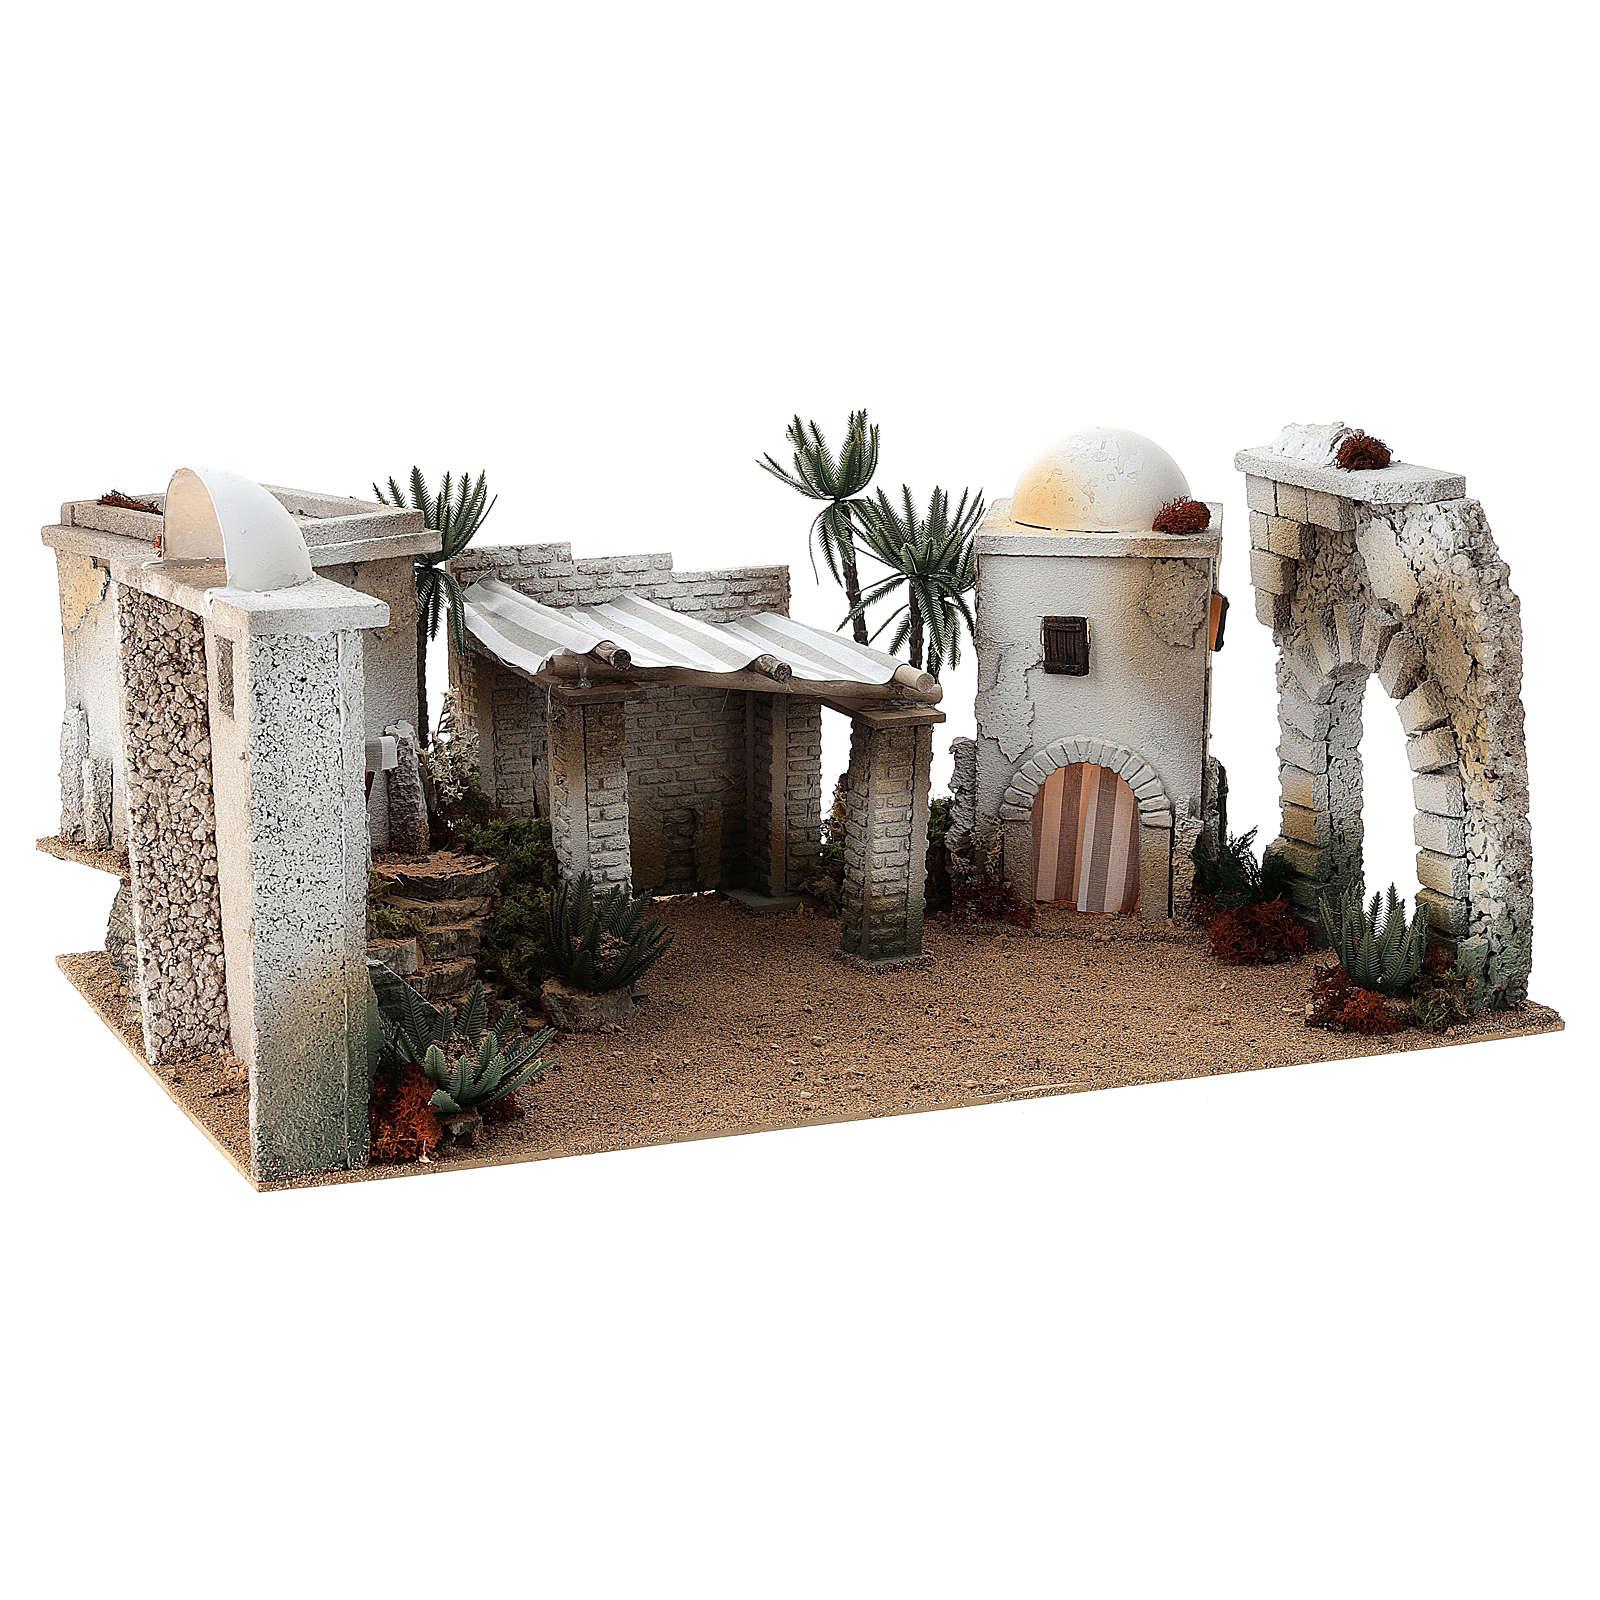 Composizione araba COMPLETA 35x183x115 cm in sughero 4